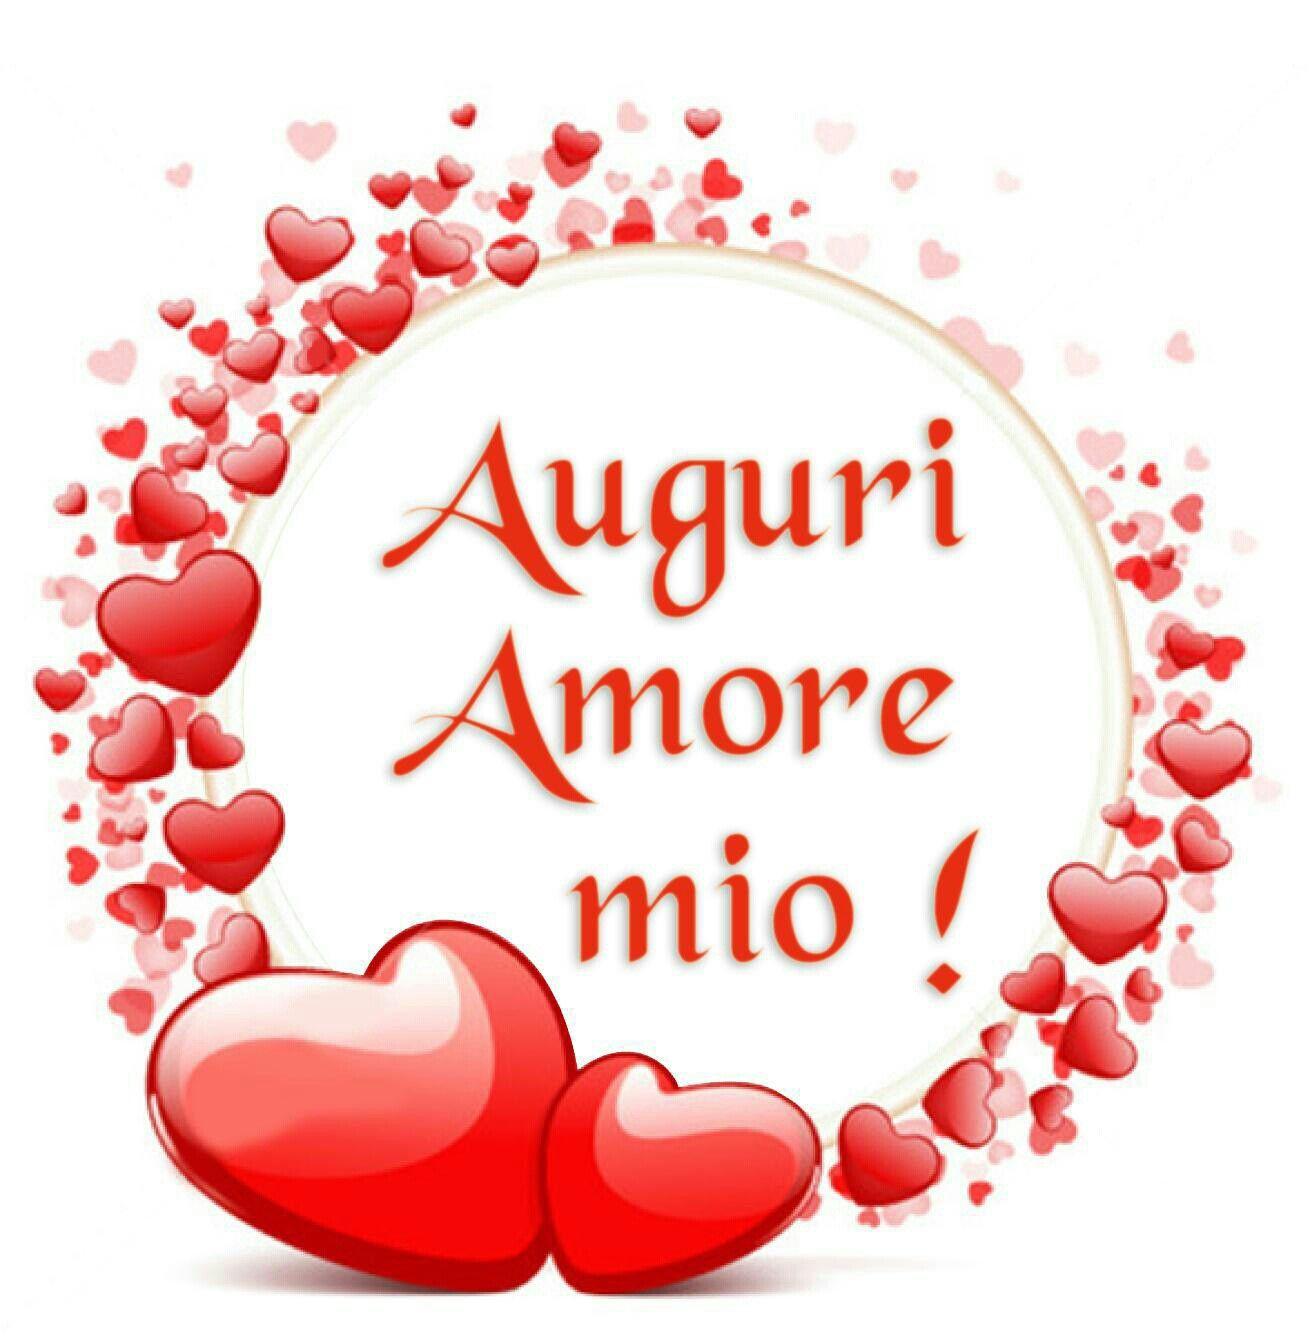 Auguri Amore Mio Buon Compleanno Amore Mio Auguri Di Buon Compleanno Buon Compleanno Amore